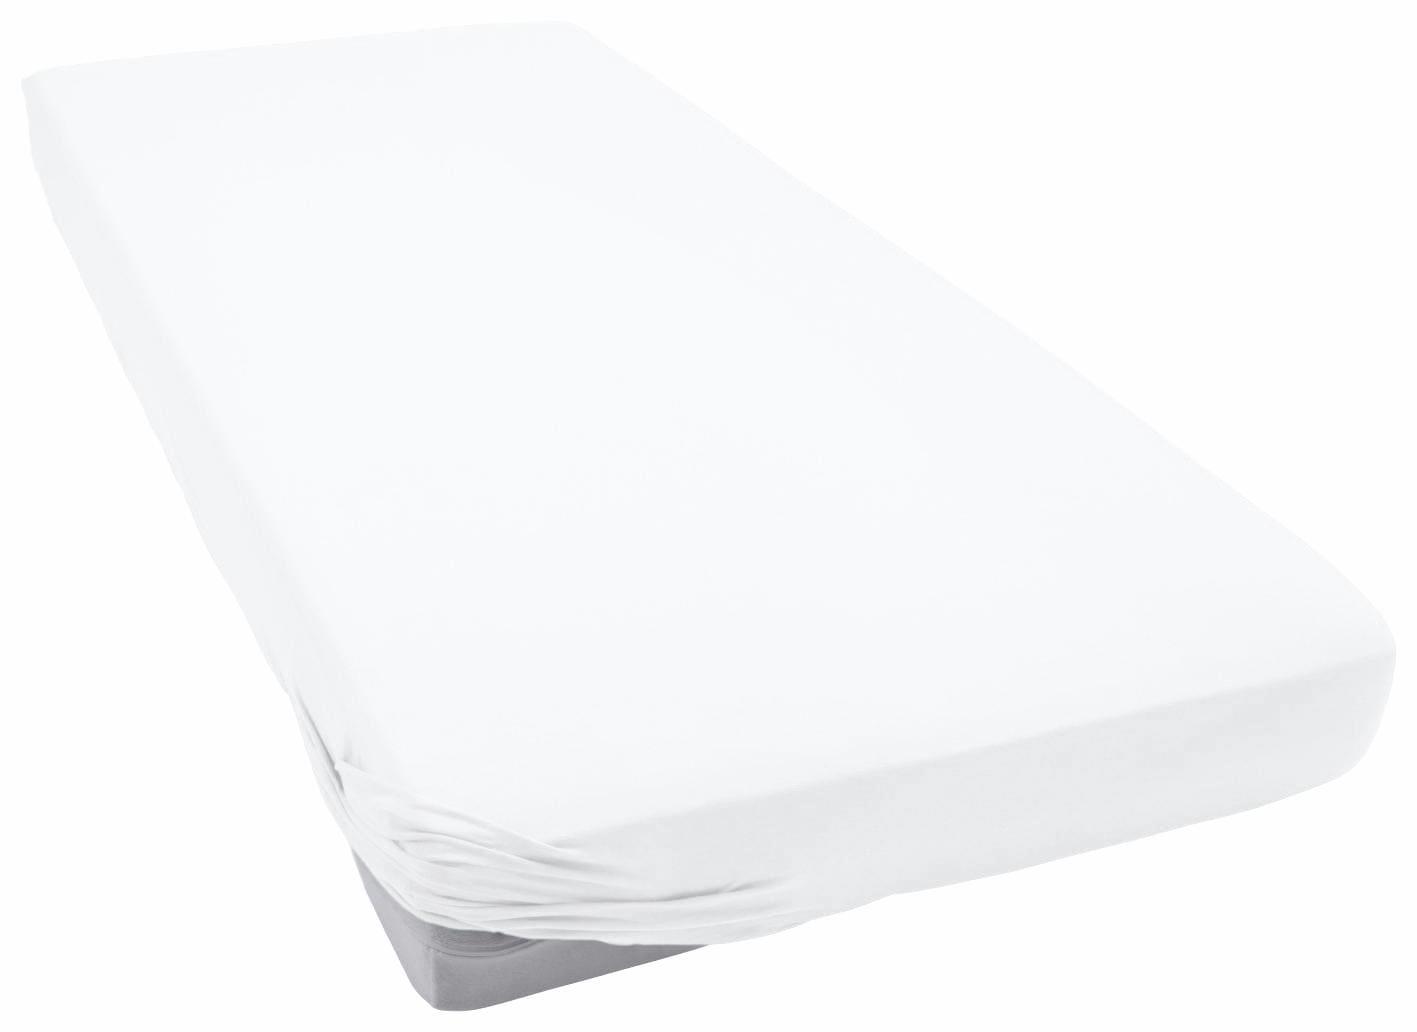 Spannbettlaken »Teddy Flausch«, Primera | Bekleidung > Bademode > Bademäntel | Weiß | Flausch - Biber - Baumwolle - Polyester | PRIMERA FIRST SLEEPWARE